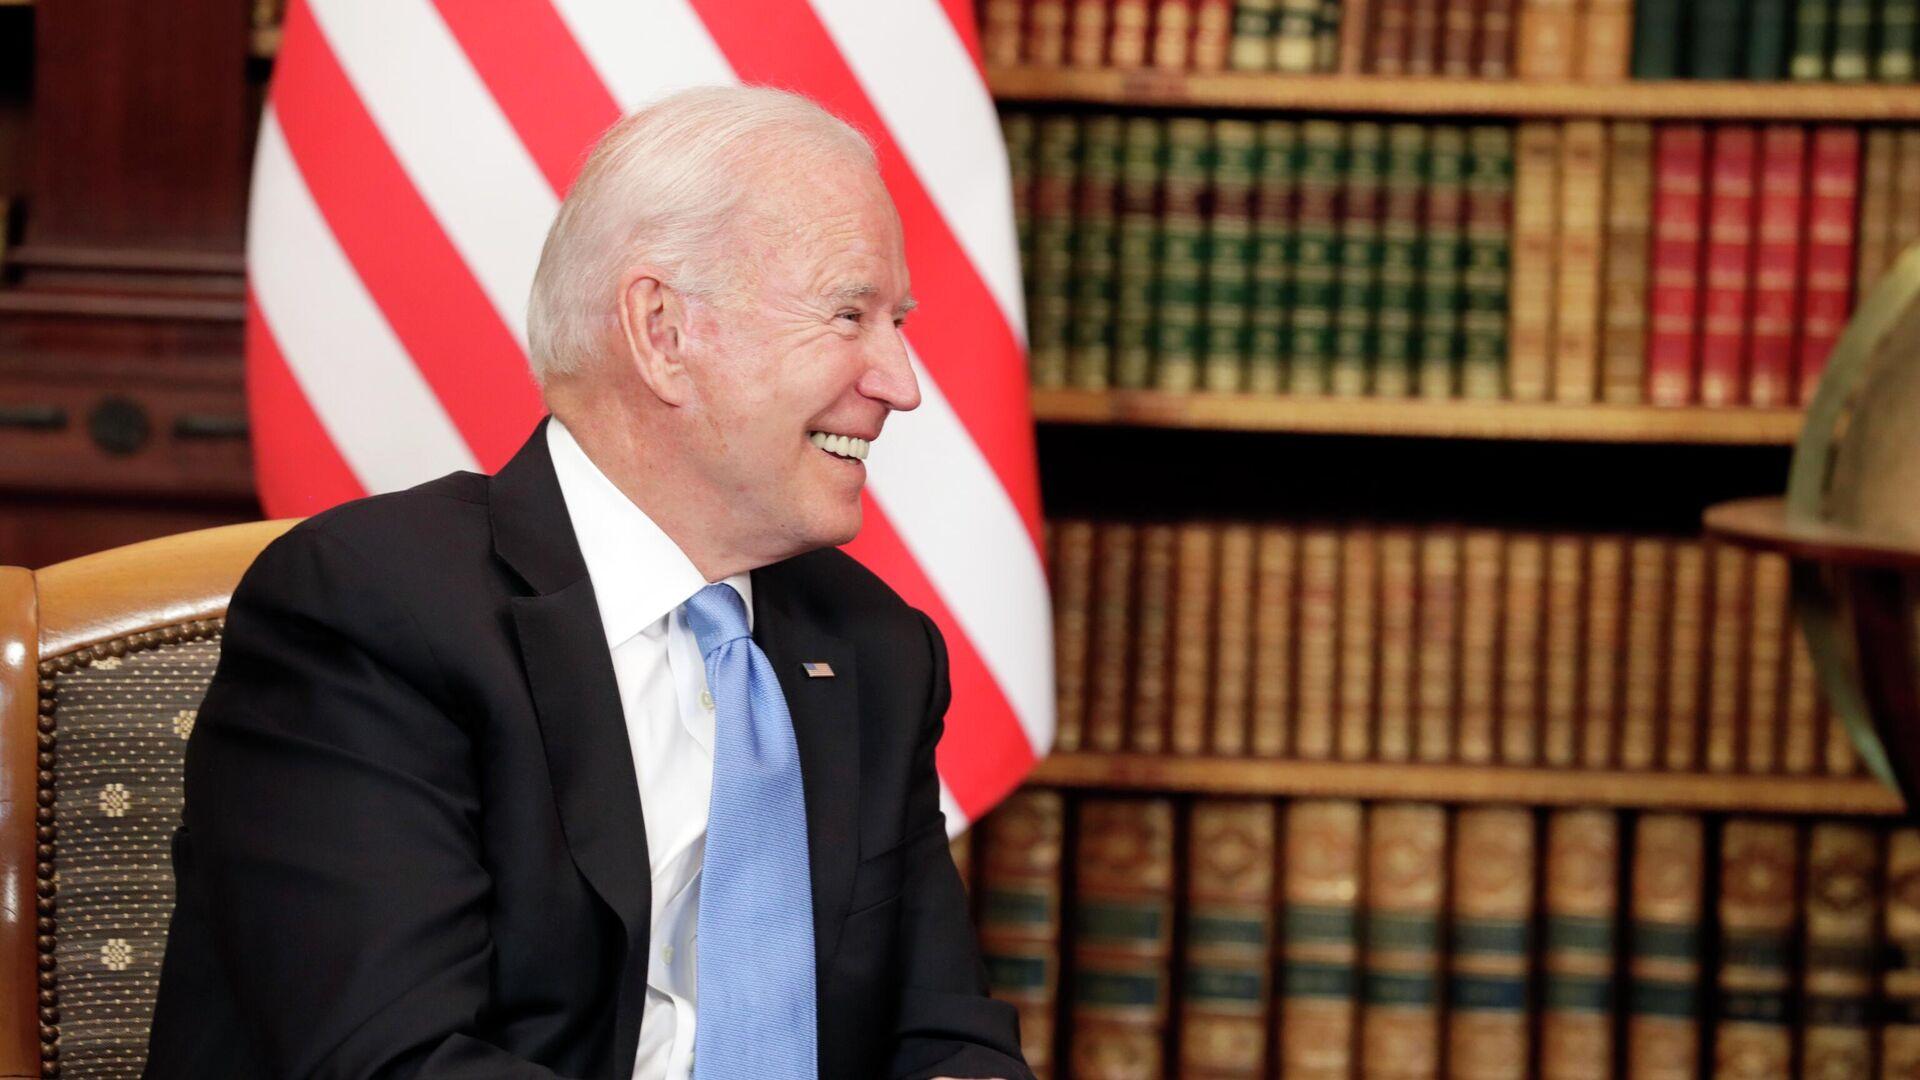 Президент США Джо Байден на вилле Ла Гранж в Женеве во время  встречи с президентом РФ Владимиром Путиным - РИА Новости, 1920, 28.07.2021